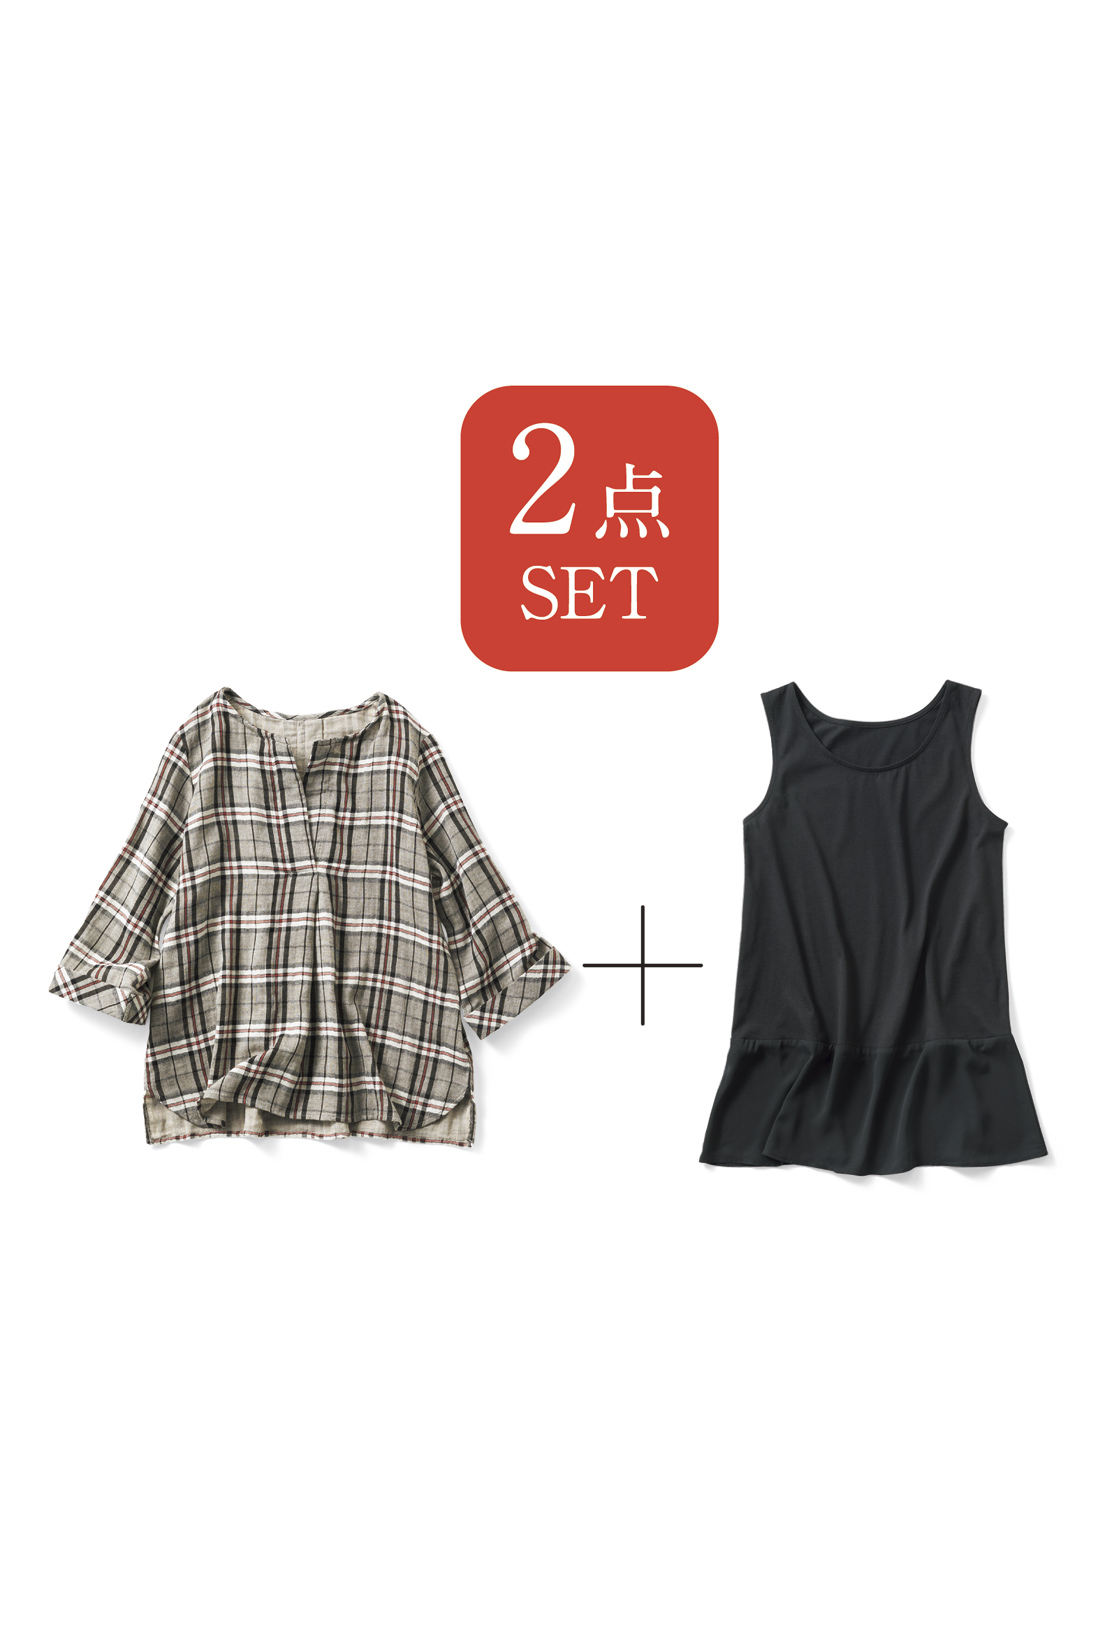 単品での着まわしもOKな優秀アイテム2点セット。届いたまま着るだけでおしゃれが即完成してコーデも広がる!※お届けするカラーとは異なります。